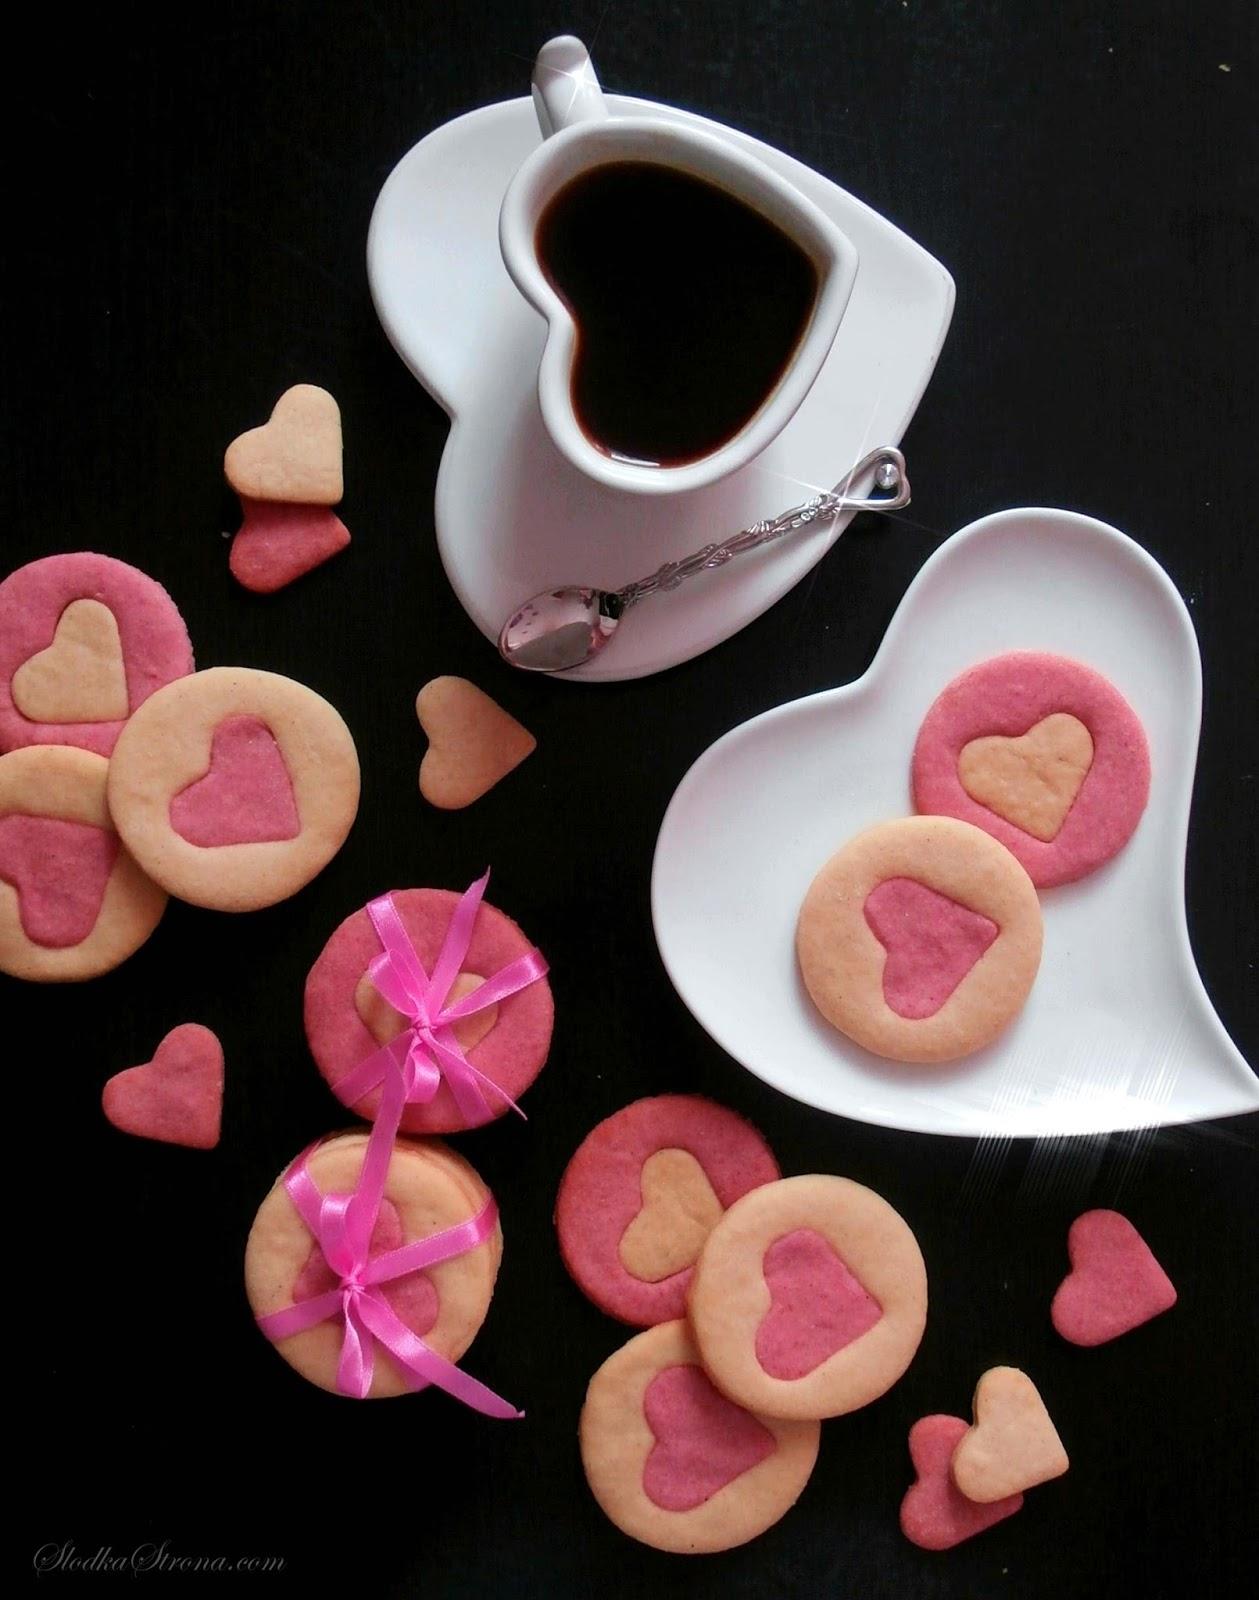 Ciasteczka z Serduszkami na Walentynki - Przepis - Słodka Strona, ciasteczka na walentynki, ciasteczka walentyynki, ciastka walentynki, ciastka na walentynki, ciasteczka z serduszkami, ciastka z serduszkami, ciastka z sercami, ciasteczka z sercami, przepisy na walentynki, ciastka na walentynki, ciasteczka na walentynki, romantyczna kolacja, Kolorowe Ciasteczka, przepis, kolorowe ciasteczka przepis, ciasteczka dla dzieci przepis, ciastka przepis, ciastka kolorowe przepis, proste ciastka przepis, proste ciasteczka przepis, szybkie ciastka, szybkie ciasteczka, proste ciastka, proste ciasteczka, efektowne ciasteczka, zjawiskowe ciasteczka, piękne ciasteczka,ładne ciasteczka, ciasteczka dla dzieci, Kruche Ciasteczka z Cukrem, proste ciasteczka, kruche ciasteczka, latwe ciasteczka proste i szybkie ciasteczka, Kruche Ciasteczka z Cukrem przepis, proste ciasteczka przepis, kruche ciasteczka przepis, latwe ciasteczka proste i szybkie ciasteczka przepis, ciastka z cukrem, kruche z cukrem, Ciasteczka z lukrem w kształcie duchów to prosta, a zarazem ciekawa propozycja na Halloweenowe menu. Ciastka mimo swojej prostoty są bardzo smaczne i przede wszystkim idealnie pasują do mrocznej atmosfery Halloweenowego wieczoru.  ciasteczka walentynki, ciasteczka walentynki przepis, ciasteczka na walenytynki, ciasteczka z lukrem, ciasteczka duchy, proste ciasteczka, kruche ciasteczka z lukrem, proste ciasteczka przepis, slodycze na walentynki, przekaski na walentynki, walentynki przepisy,